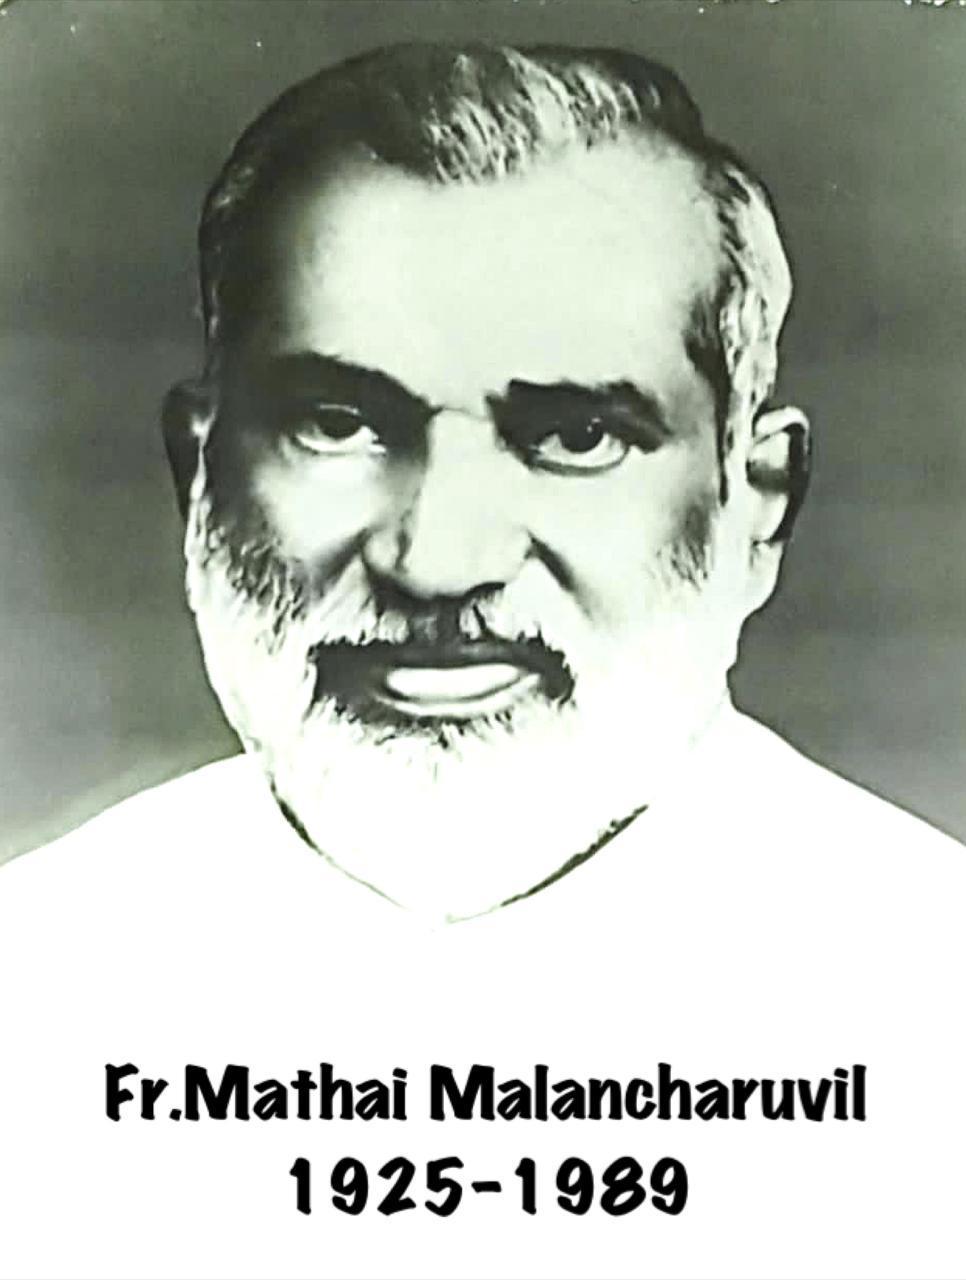 Rev. Fr Mathai Malancharuvil